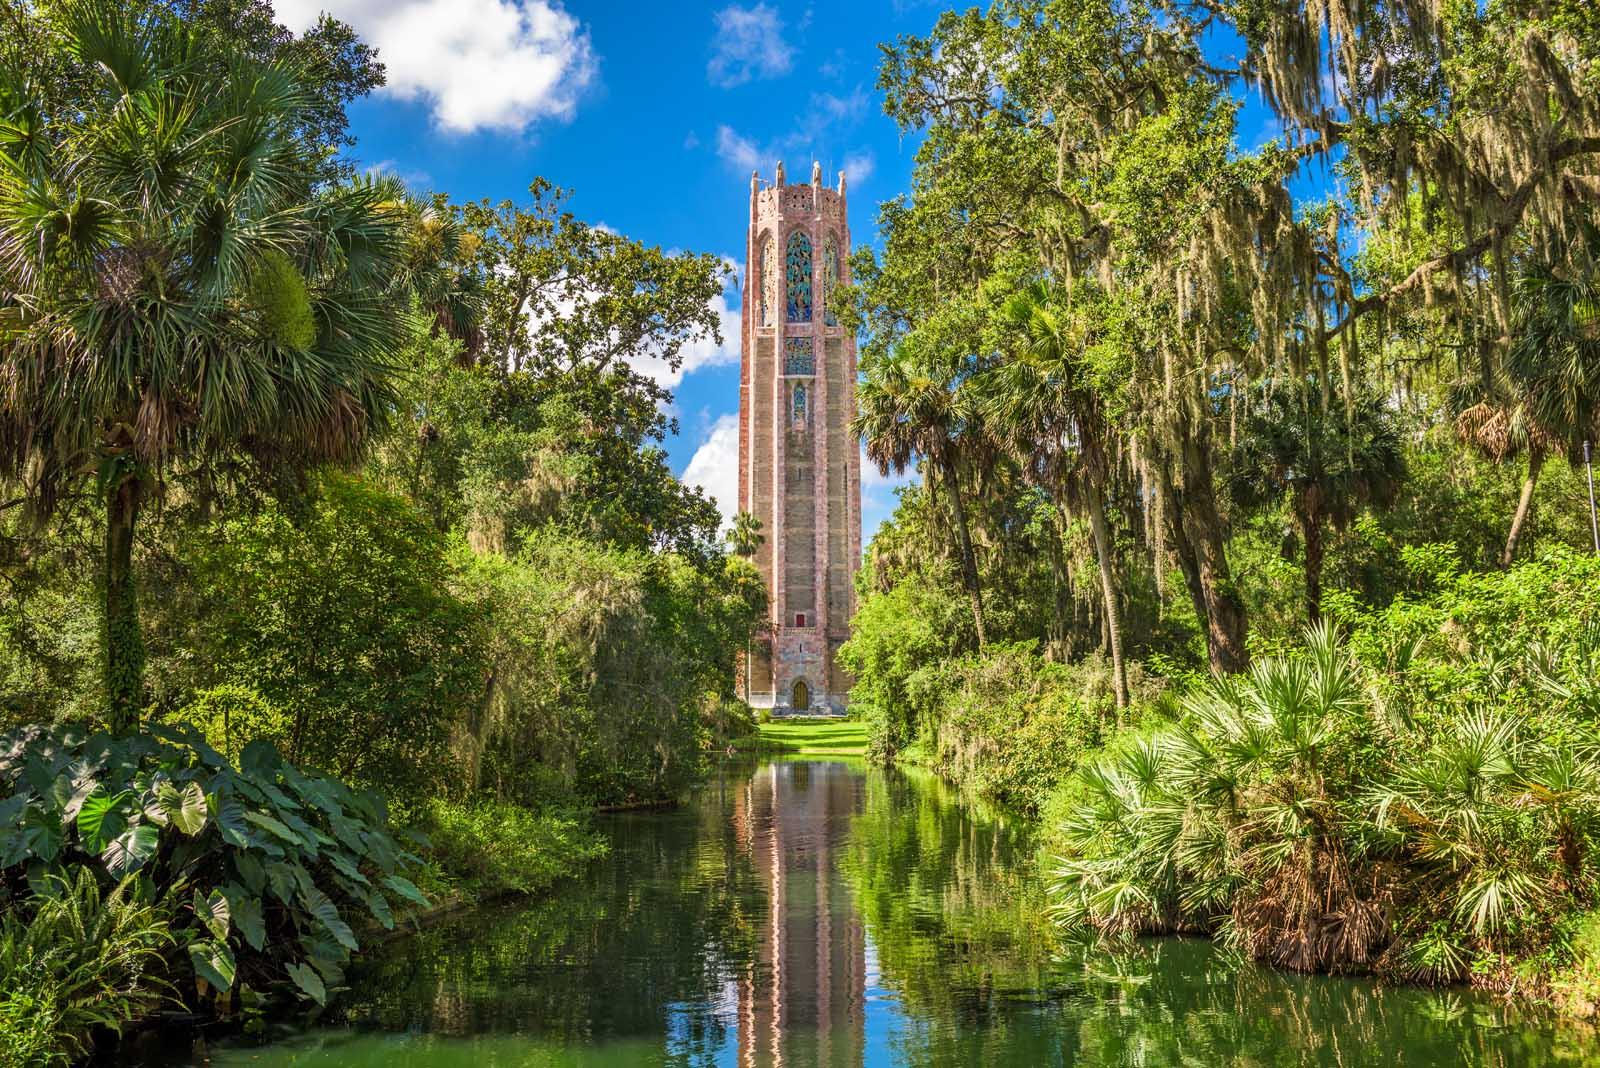 Bok Tower Gardens near Orlando Florida